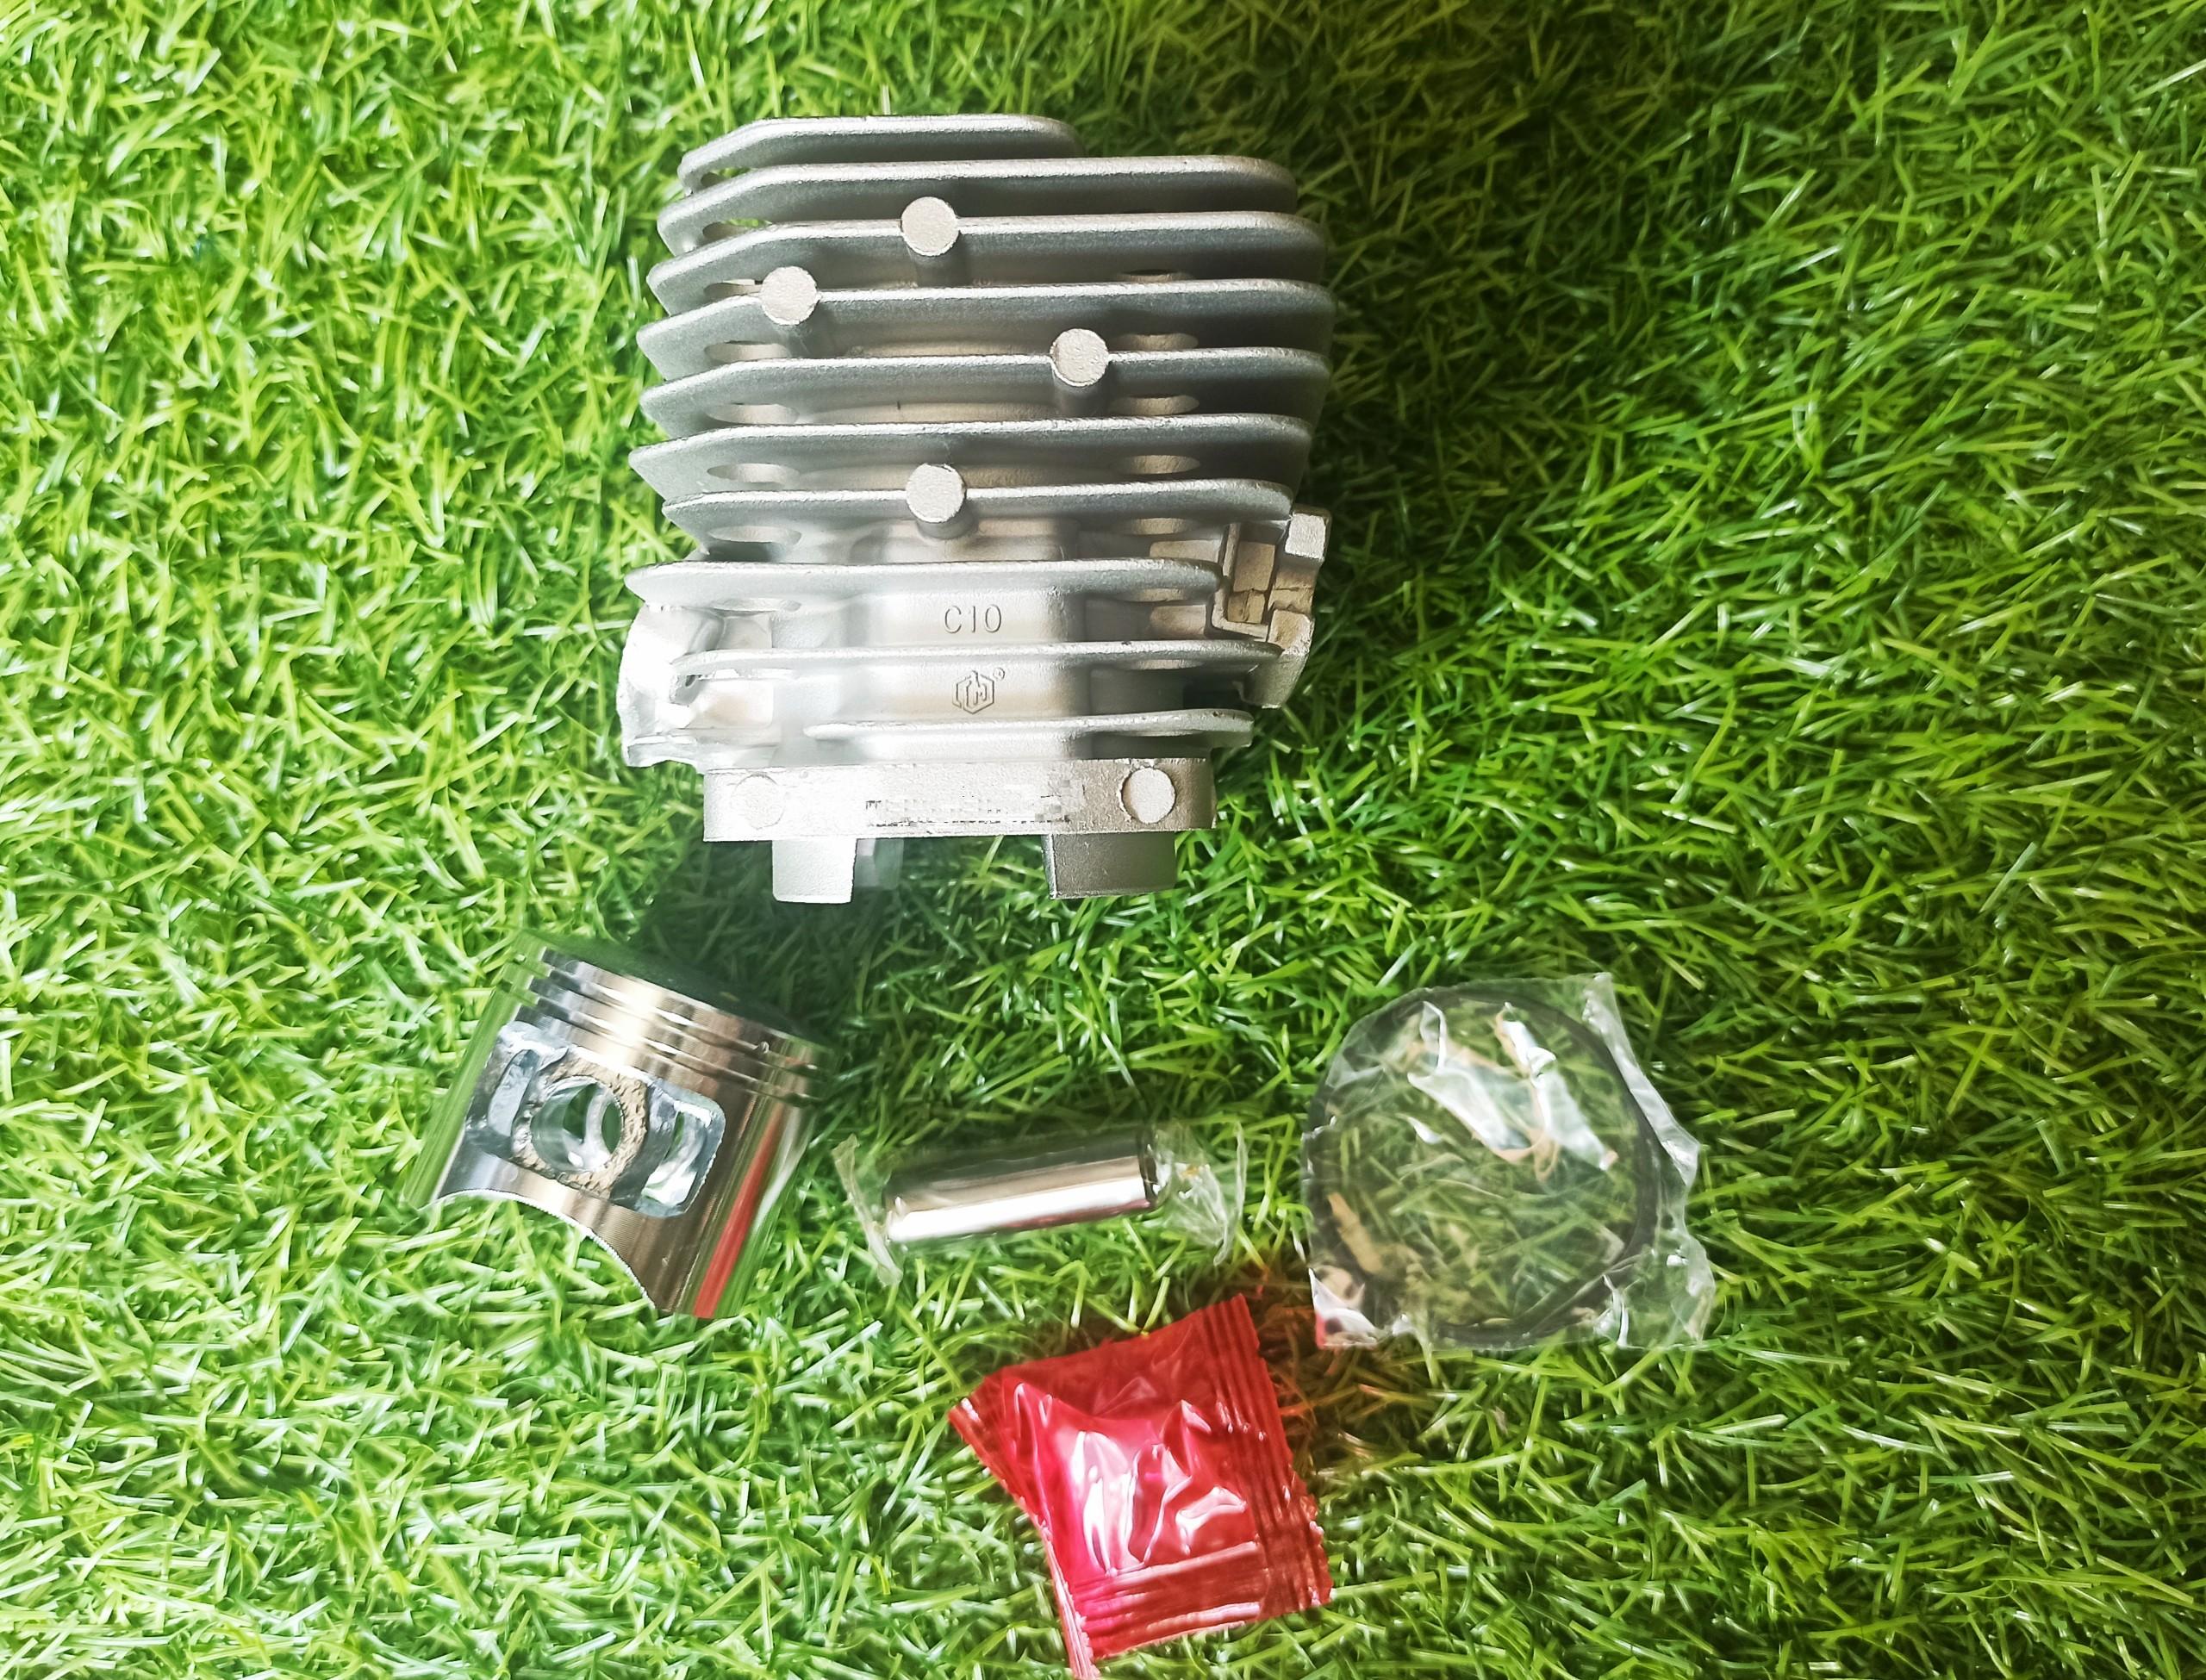 Bộ Hơi nòng xi lanh piston máy cắt cỏ 2 thì 34F thay thế cho máy 260, 26cc